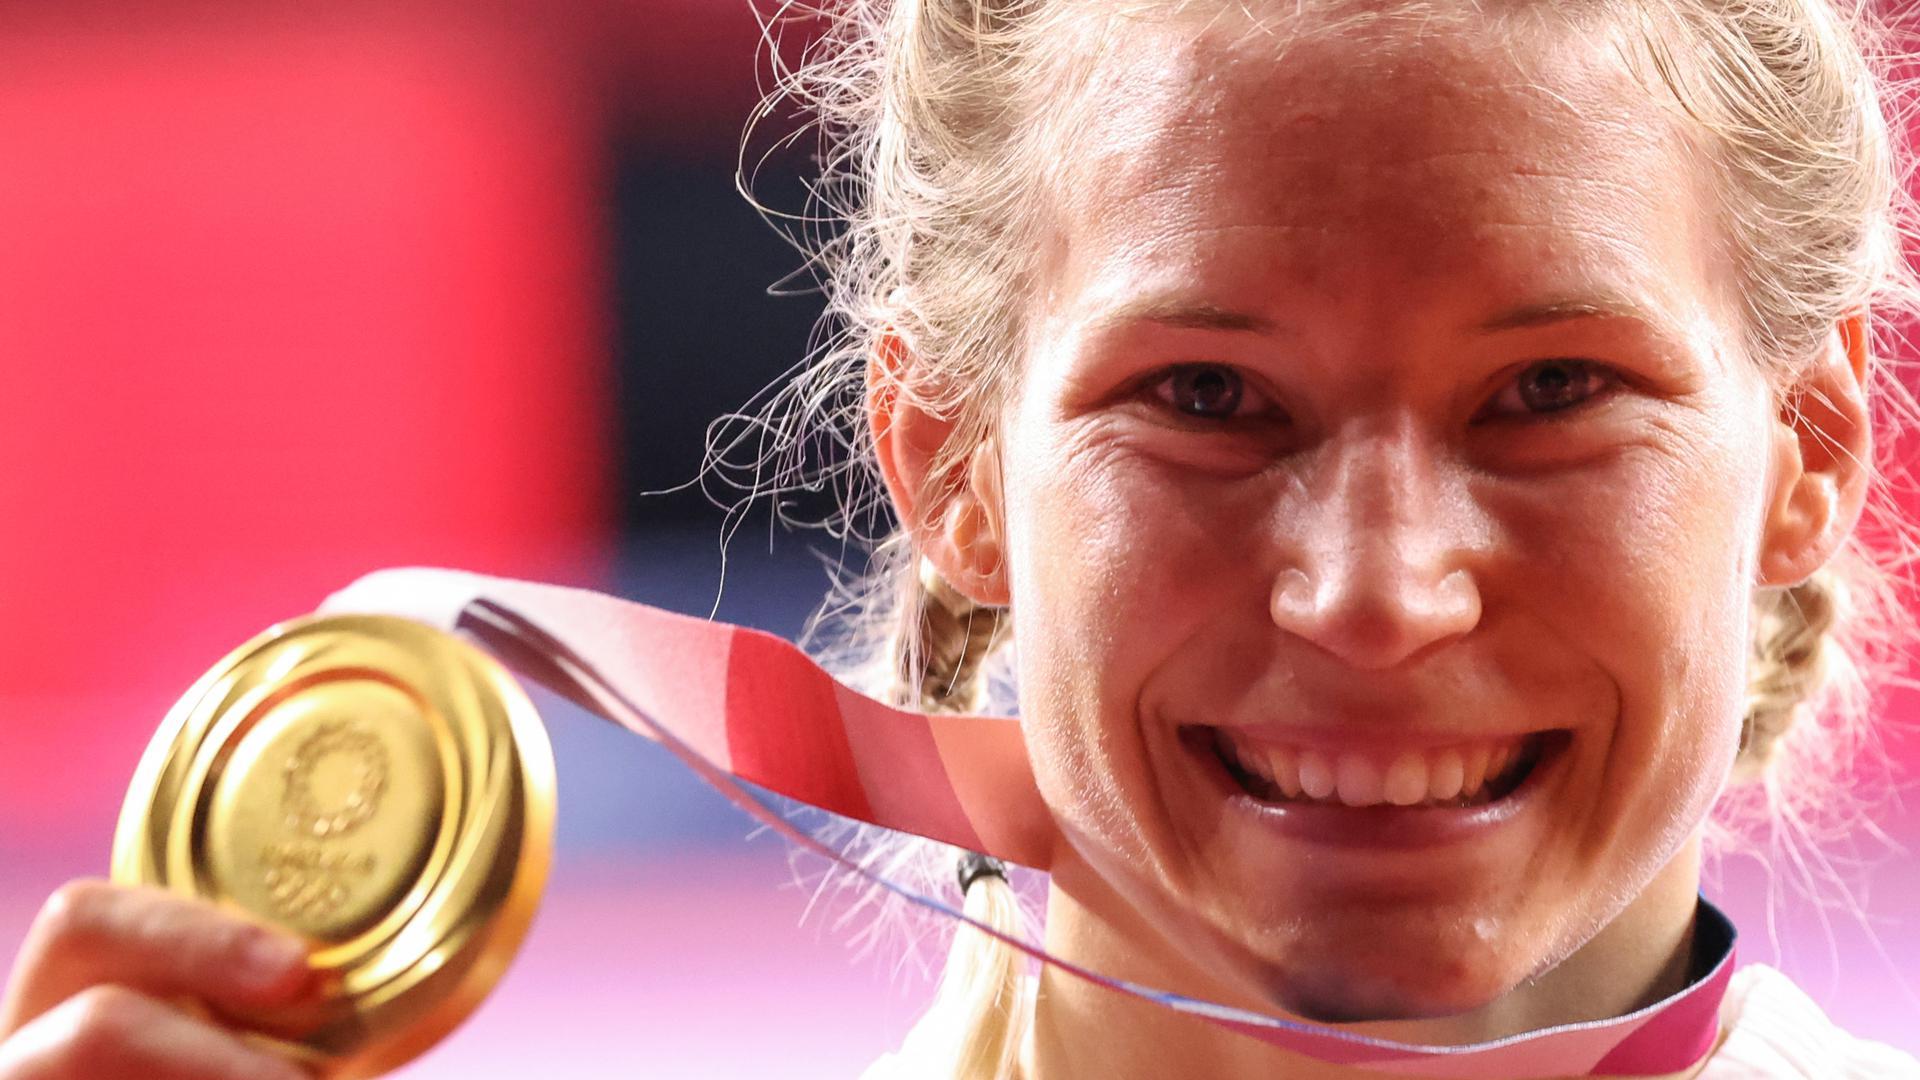 Ringen/Freistil: Olympia, 76 kg/Freistil, Frauen, Siegerehrung im Makuhari Messe Hall A. Erstplatzierte Aline Rotter-Focken (Deutschland) zeigt nach der Siegerehrung ihre Goldmedaille. +++ dpa-Bildfunk +++